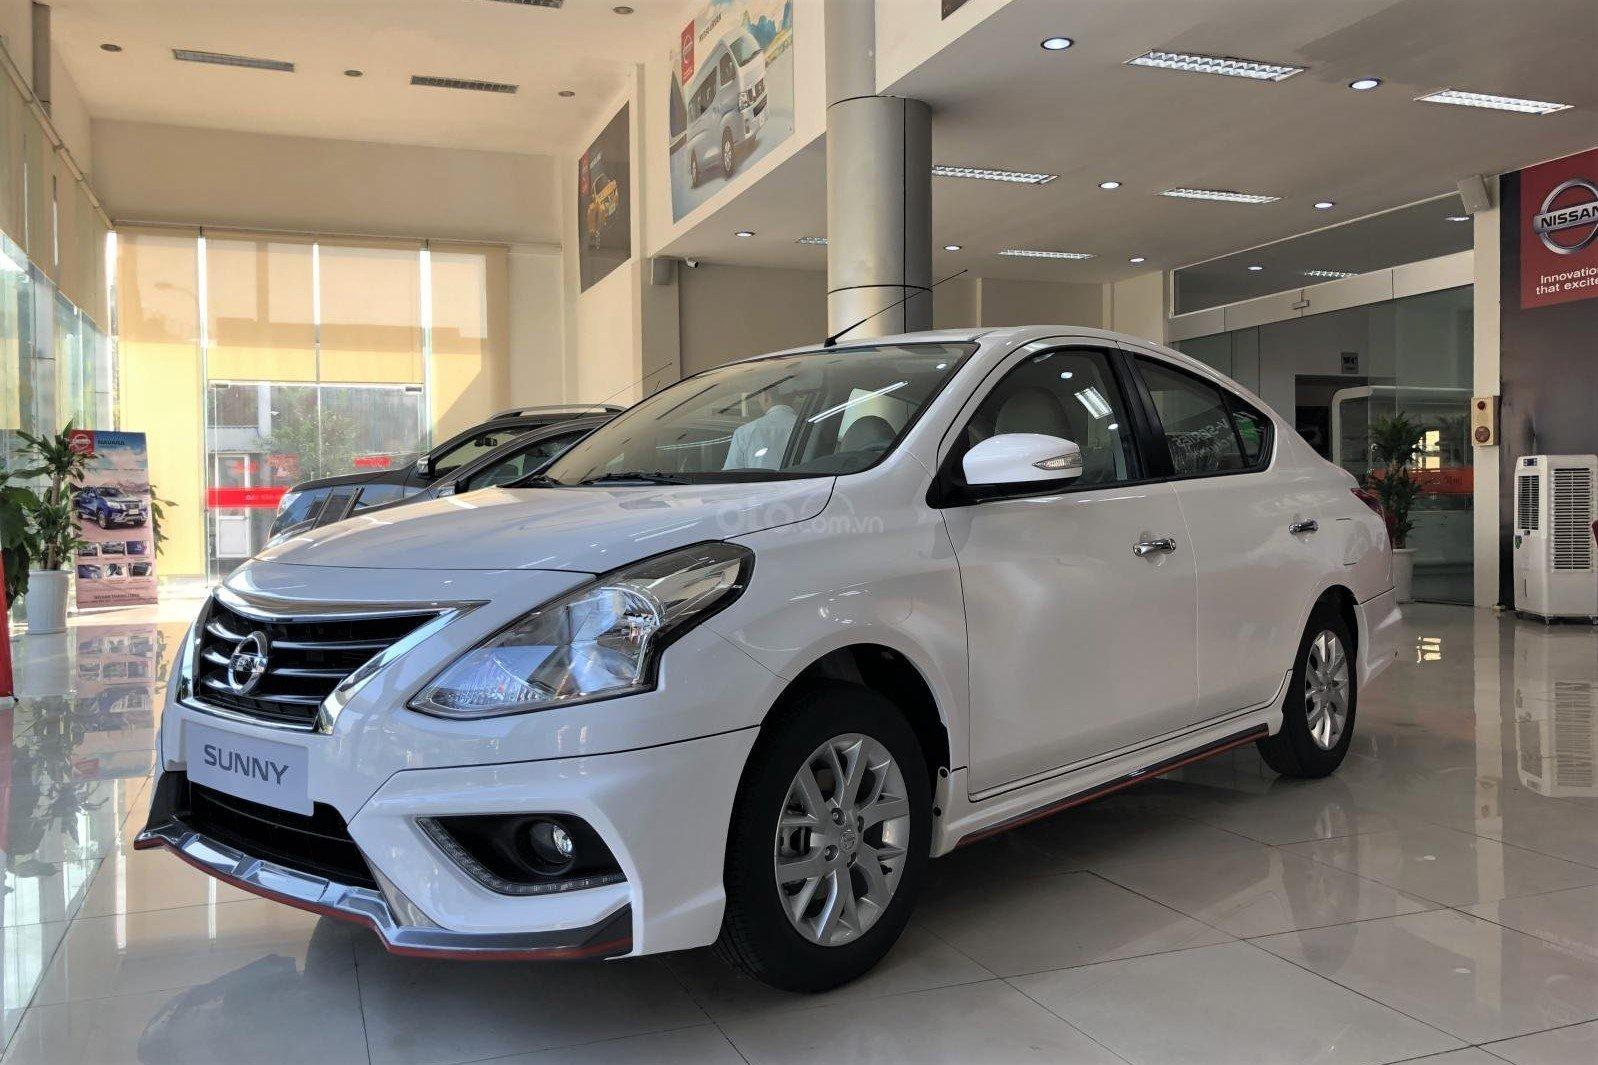 Nissan Sunny tiếp tục ưu đãi tiền mặt 20 triệu đồng.